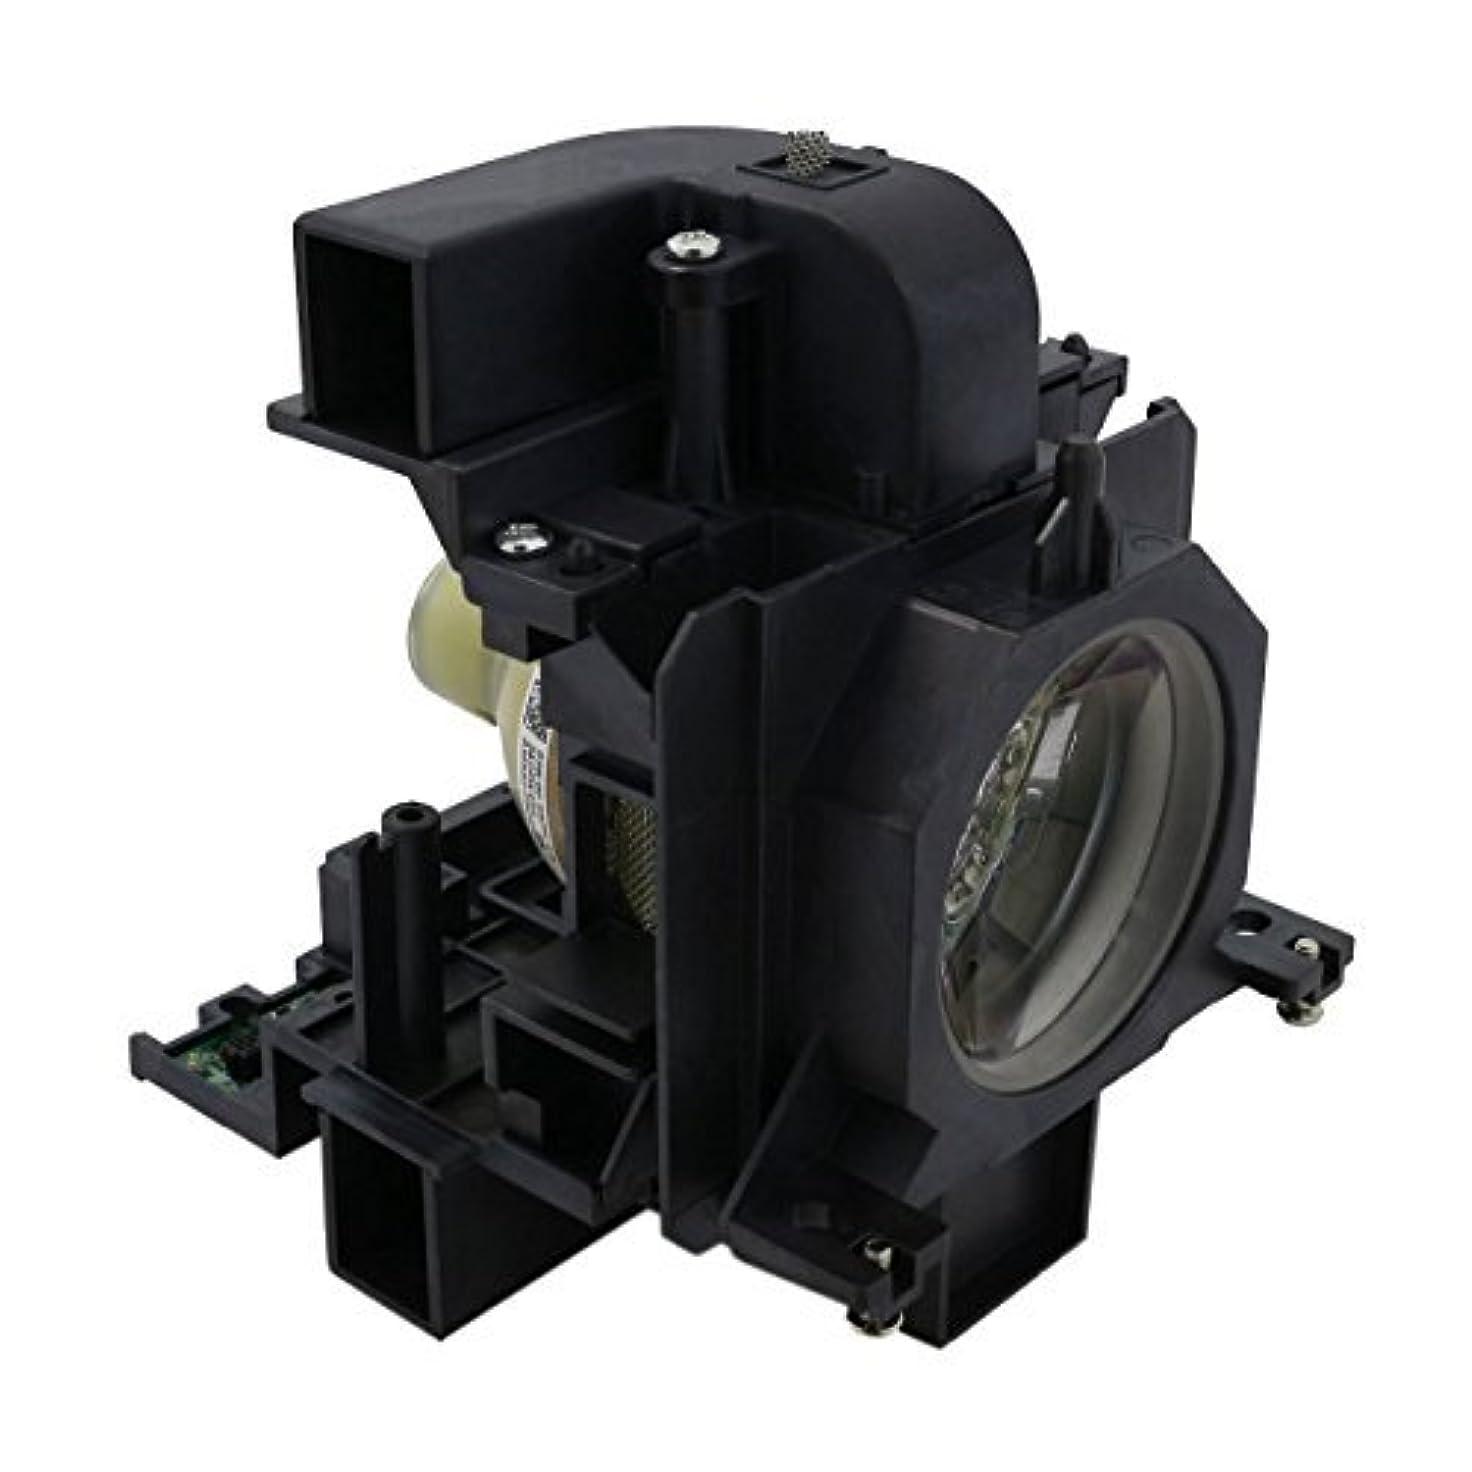 承認する隠大腿SpArc Platinum Eiki PLC-ZM5000 Projector Replacement Lamp with Housing [並行輸入品]